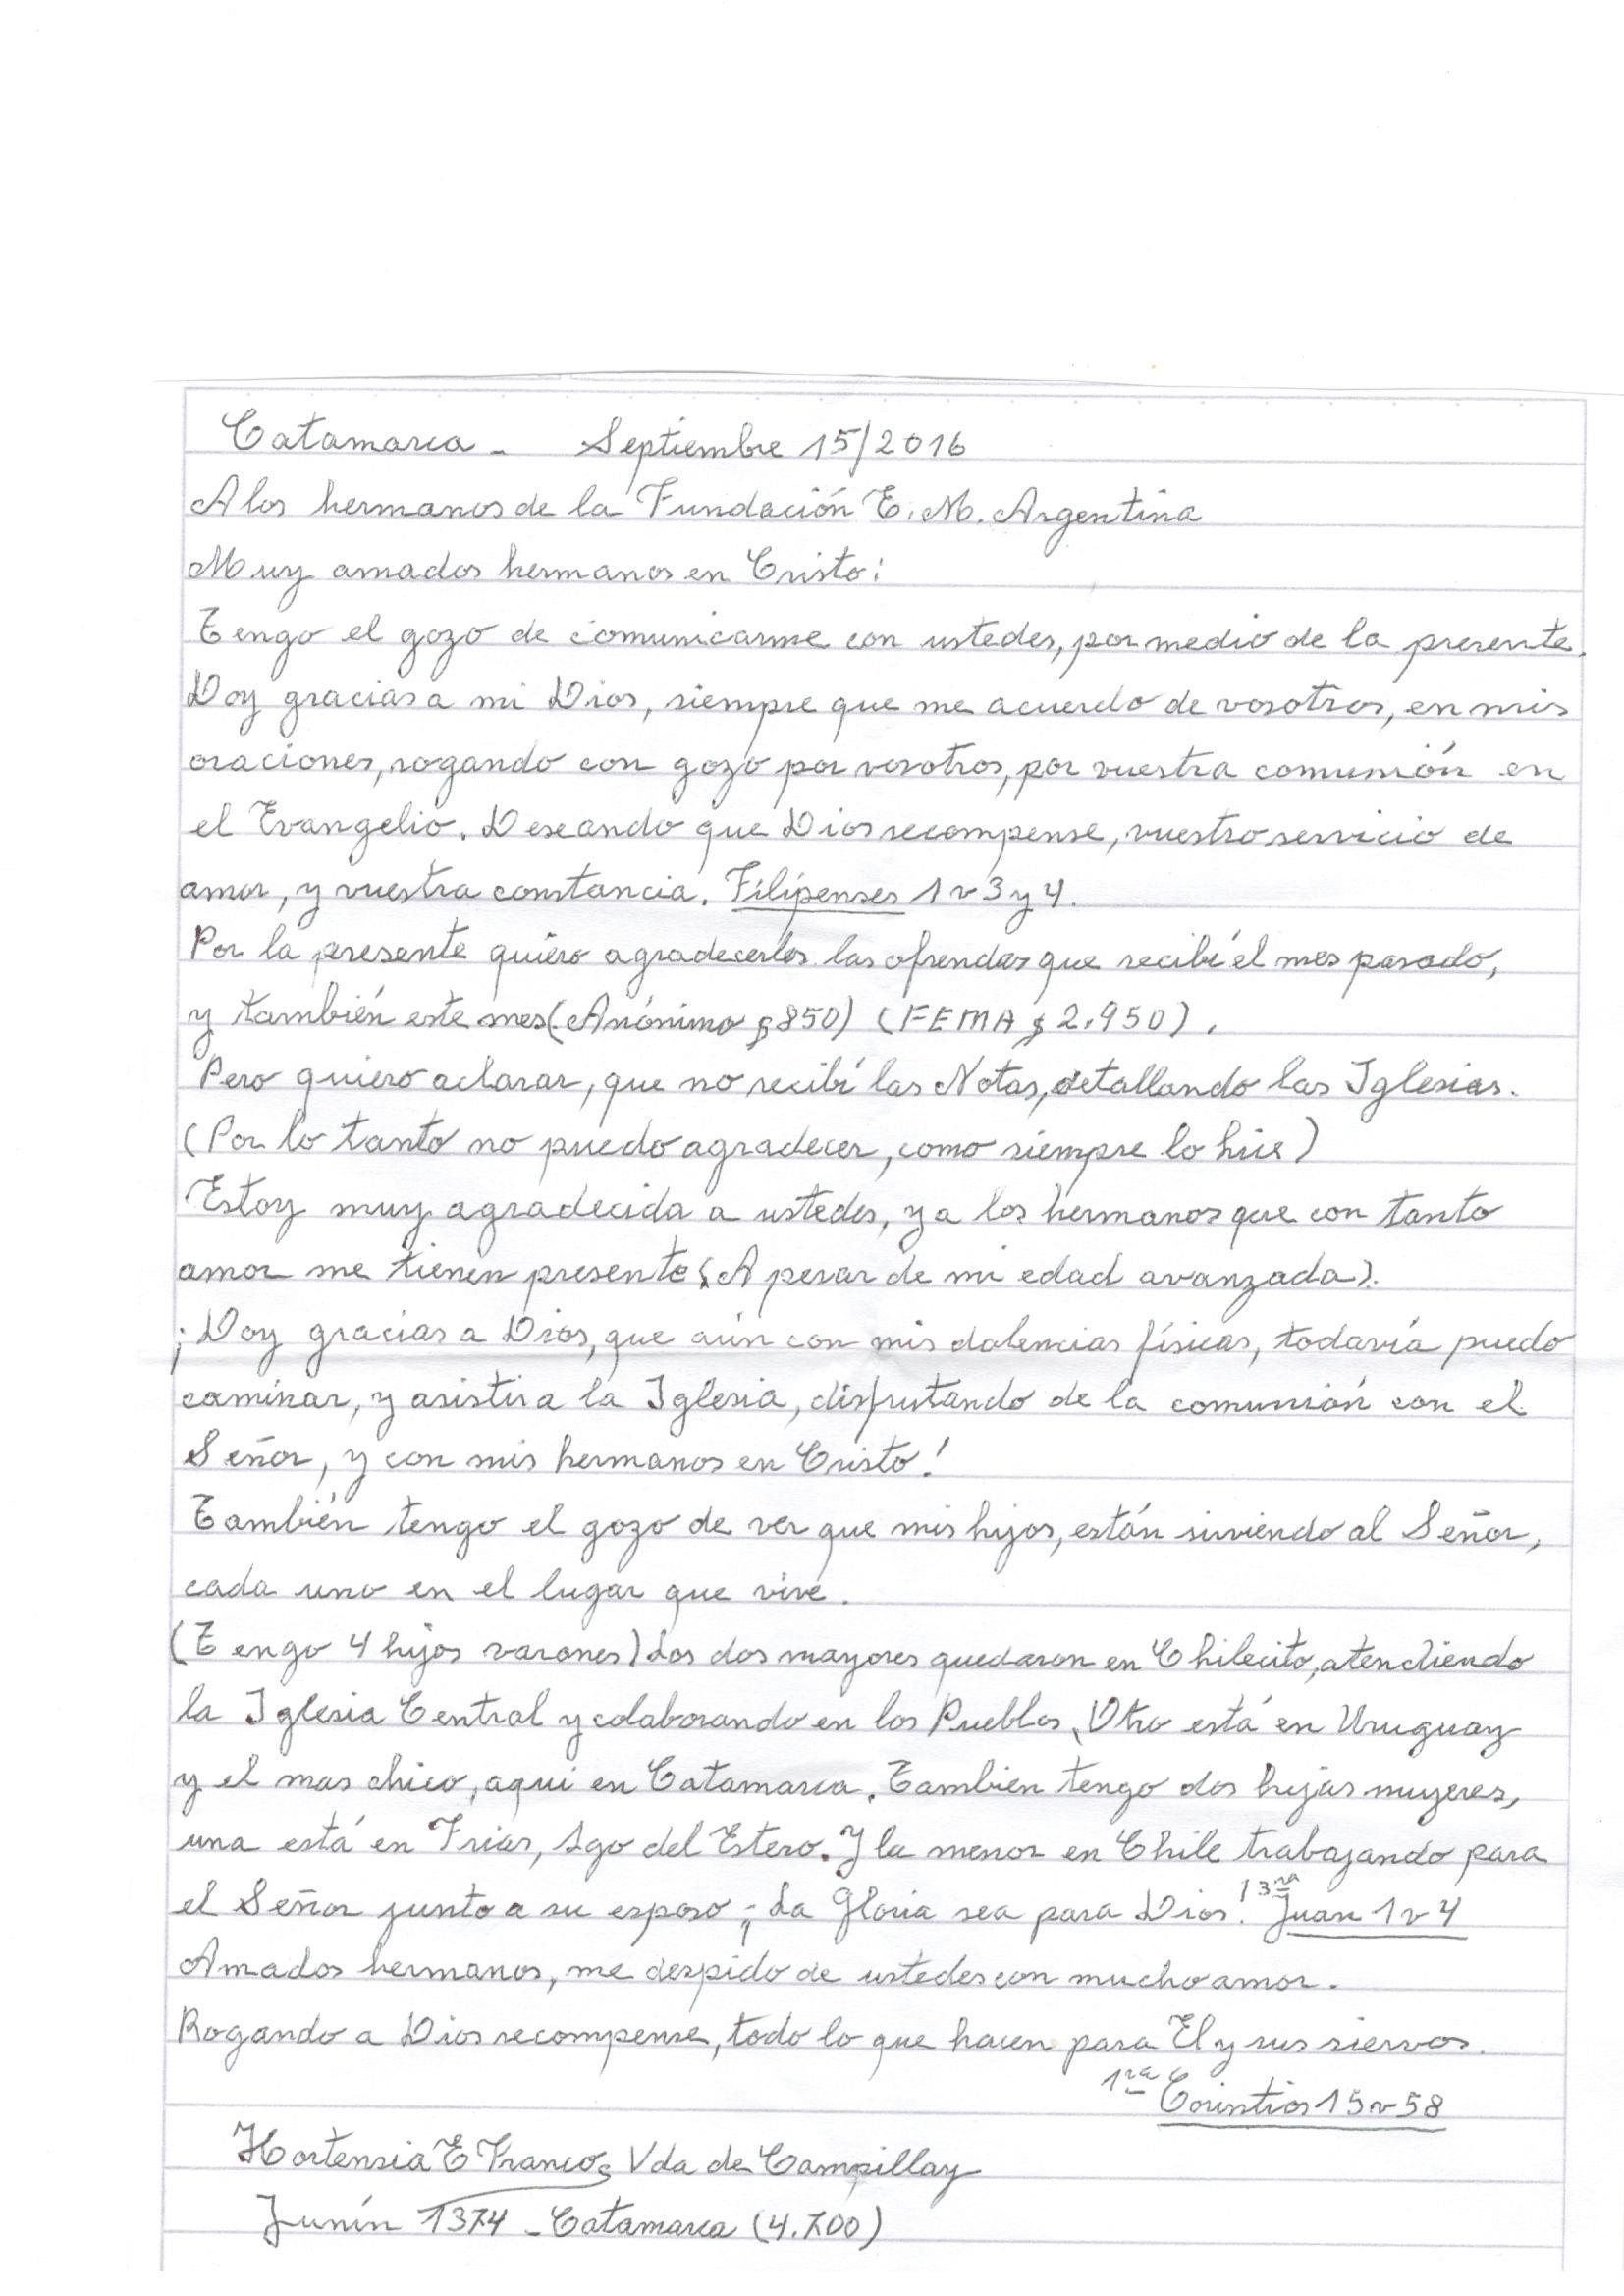 carta-de-hortensia-de-campillay